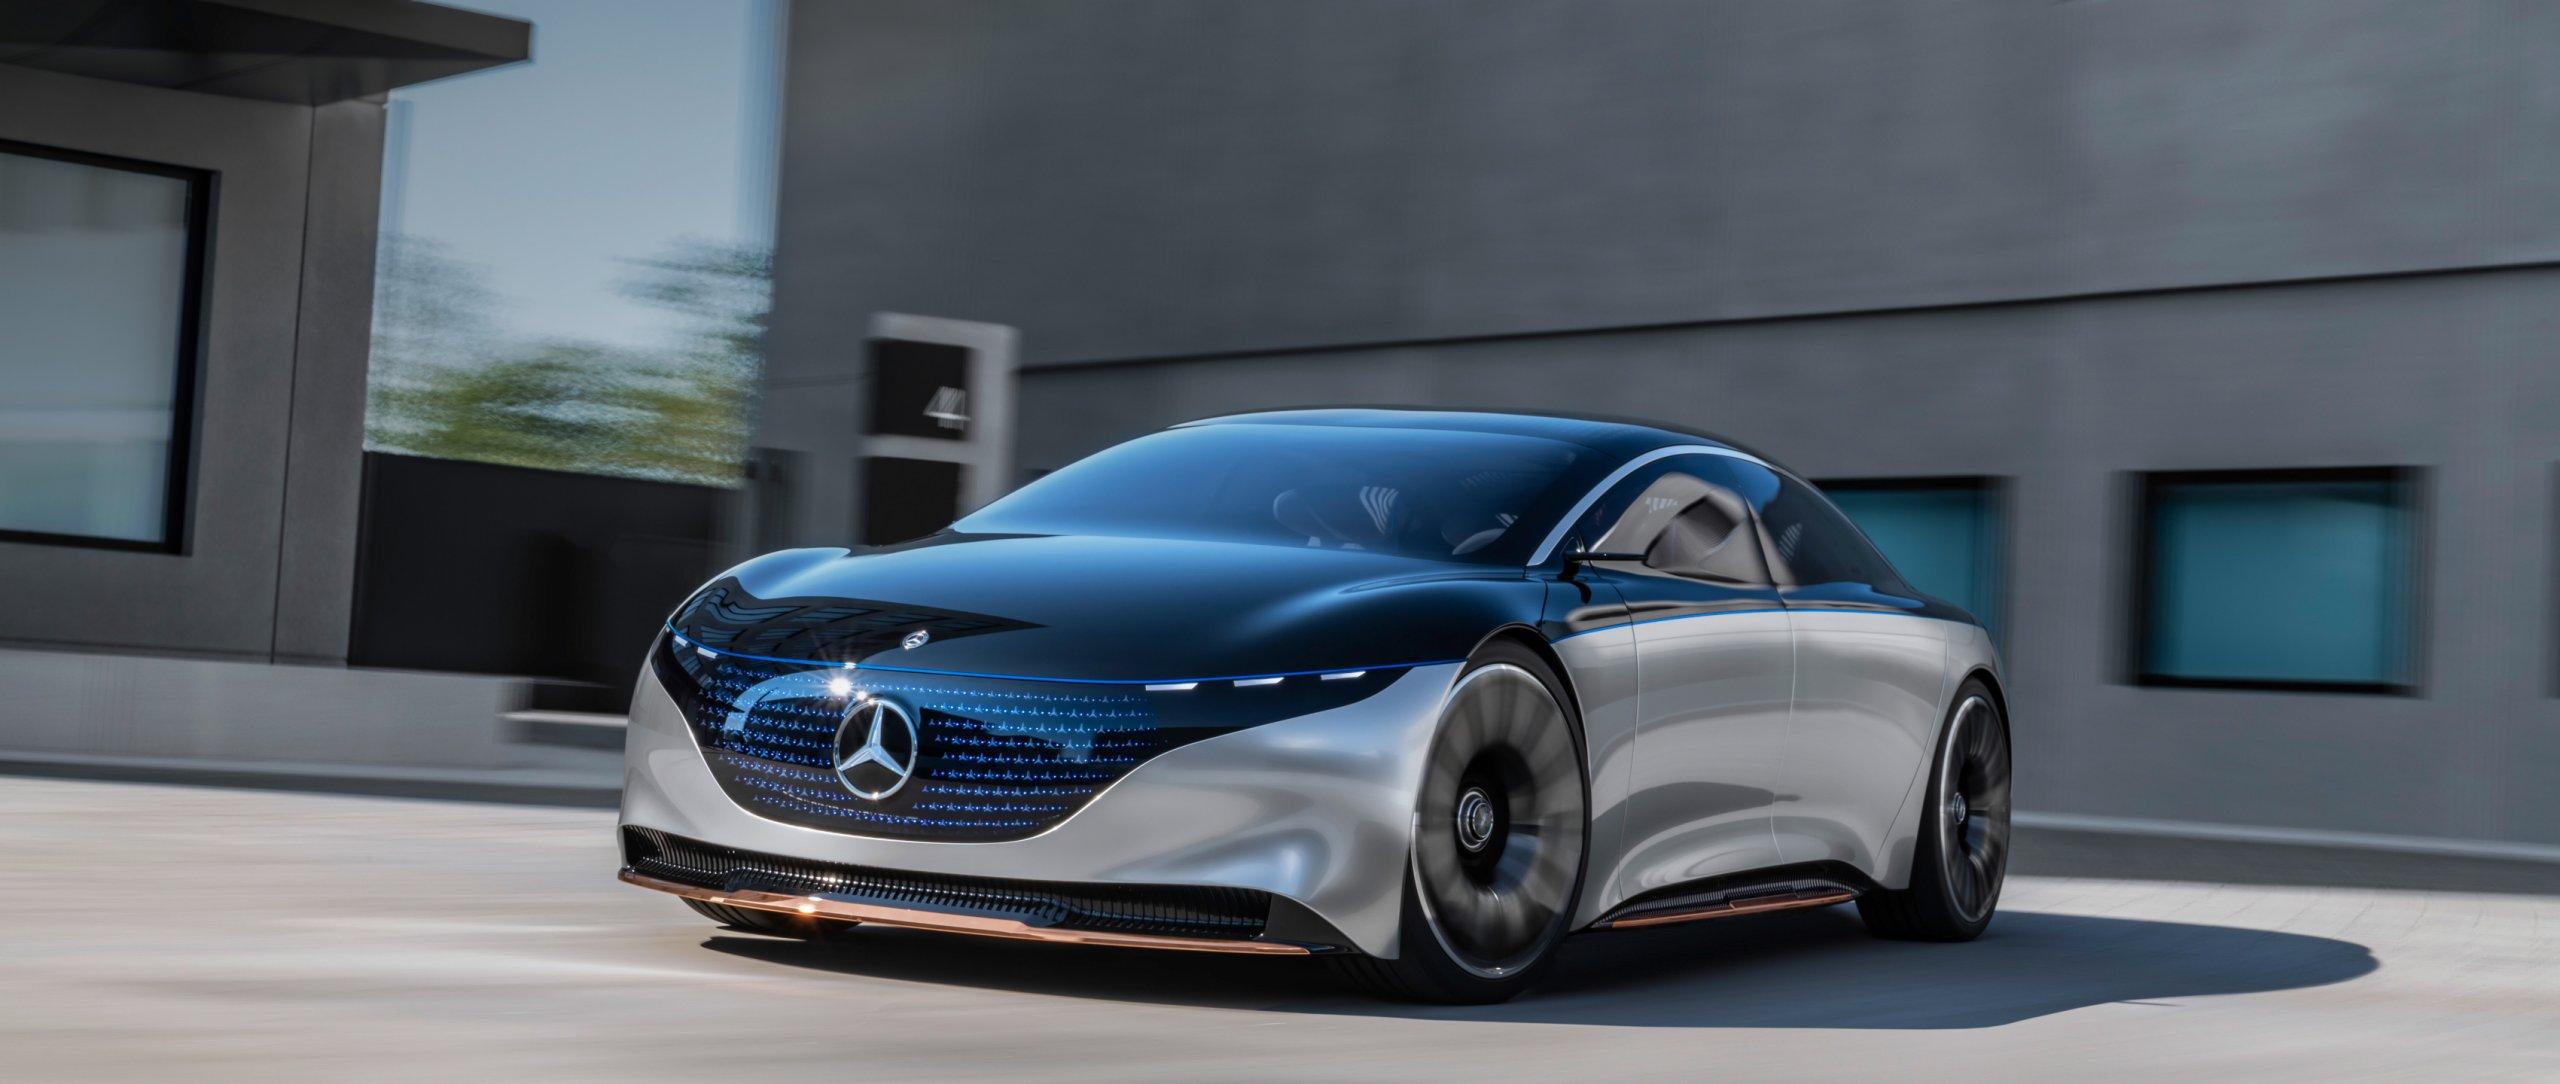 Mercedes-Benz là cái tên nổi tiếng của giới siêu xe